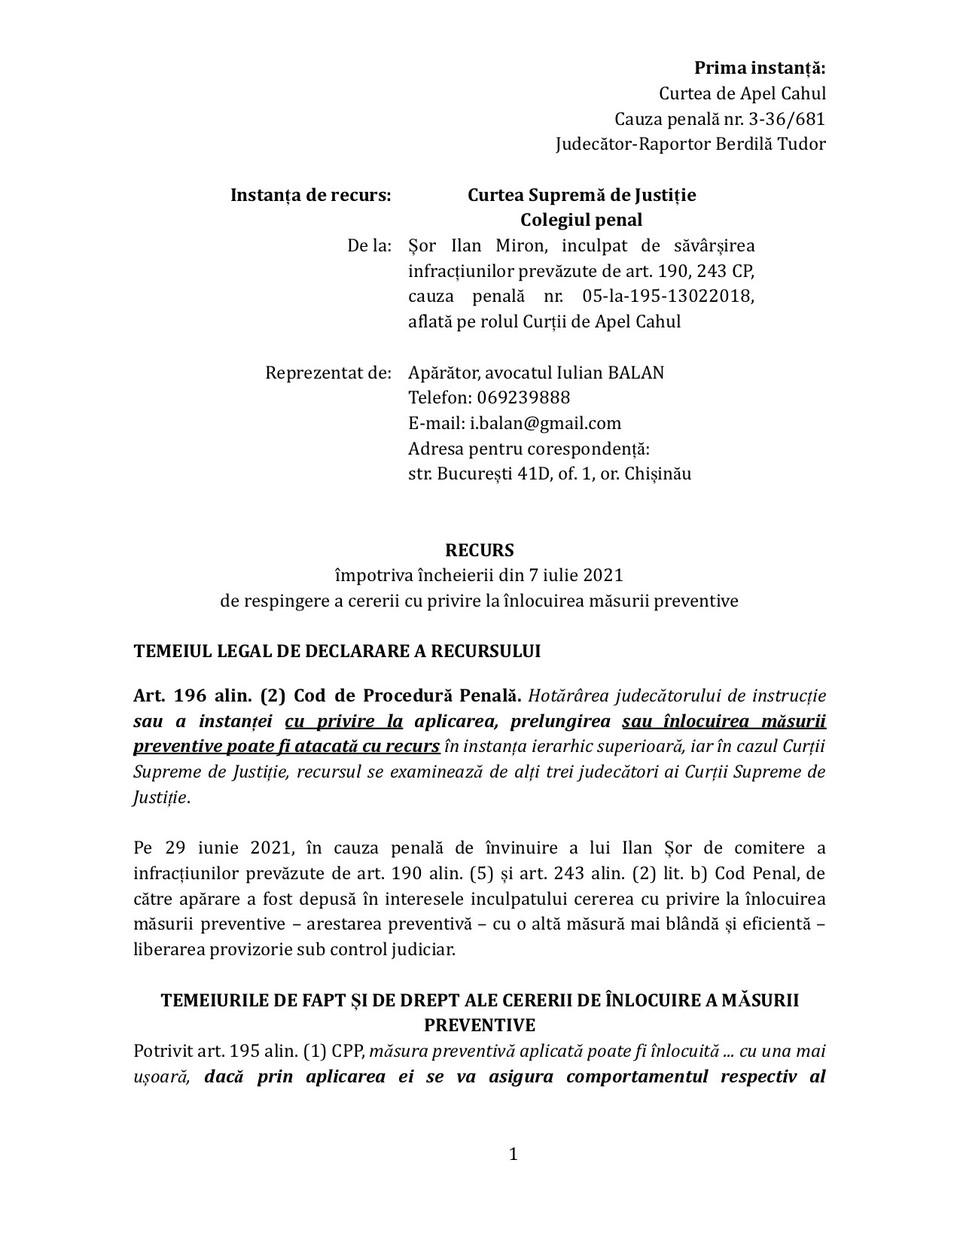 Адвокаты Илана Шора опротестовали сегодня утром вчерашние решение Апелляционной палаты Кагула, которая оставила в силе ордер на его арест. Фото:partidulsor.md